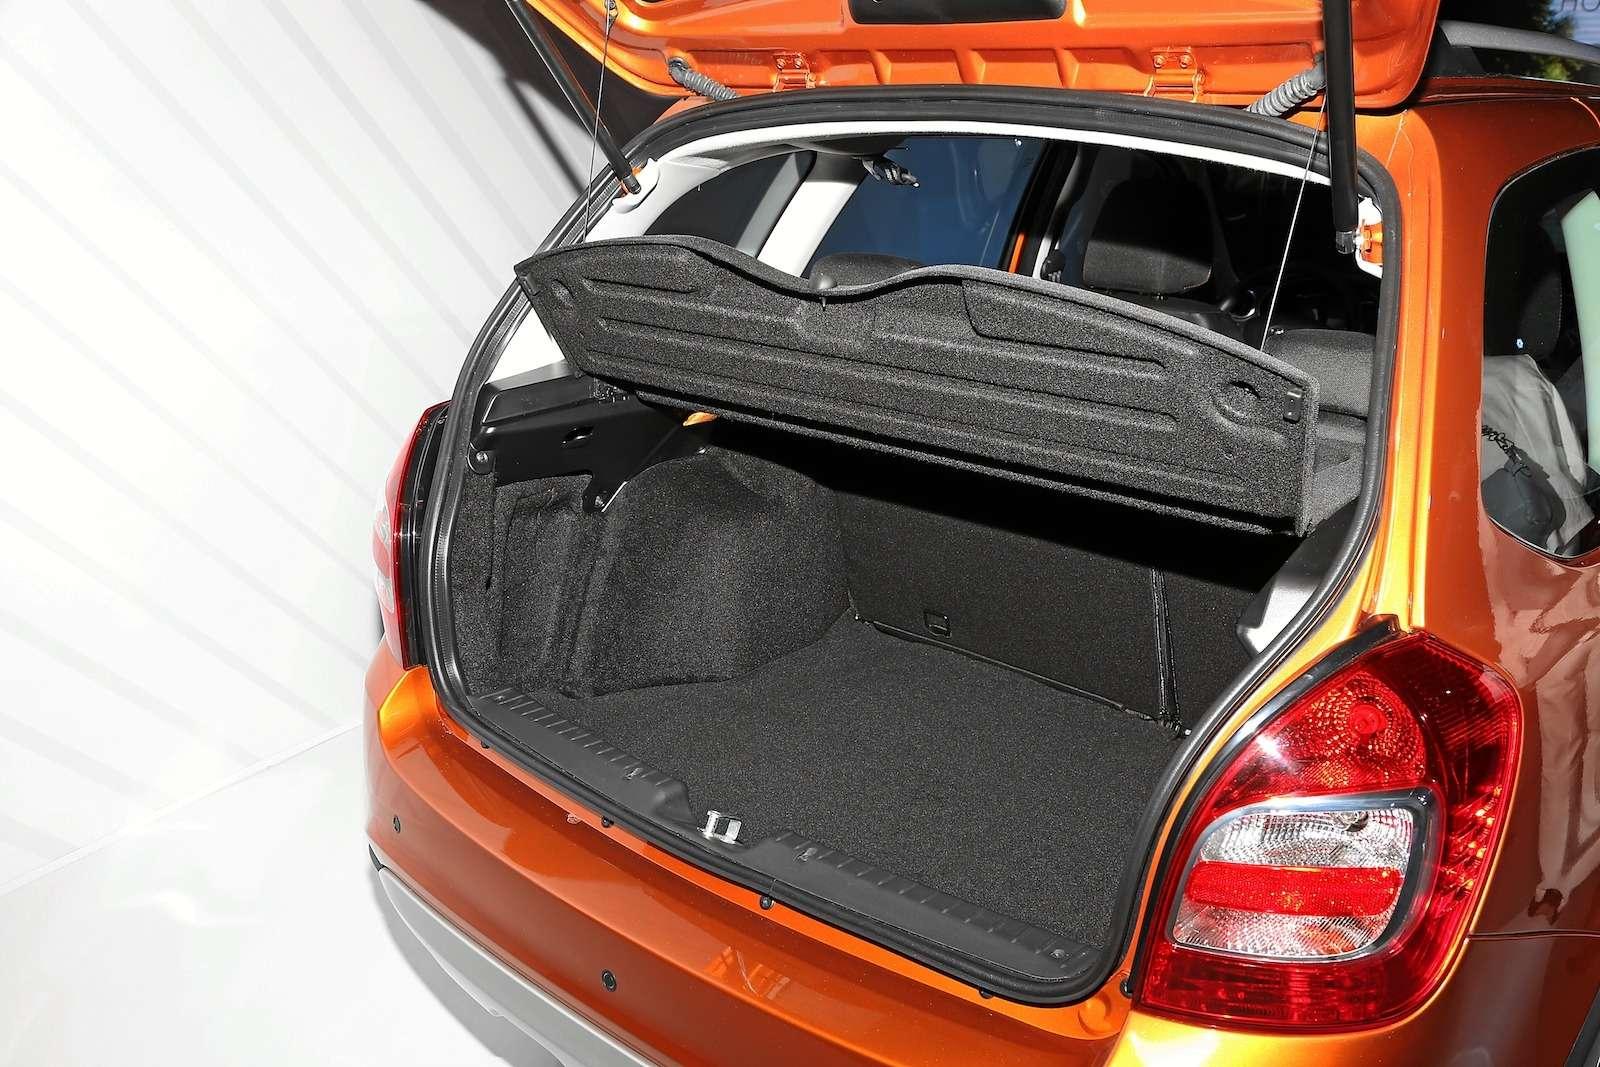 Обновленная Lada Granta представлена официально. Инет, она не подорожала!— фото 899817